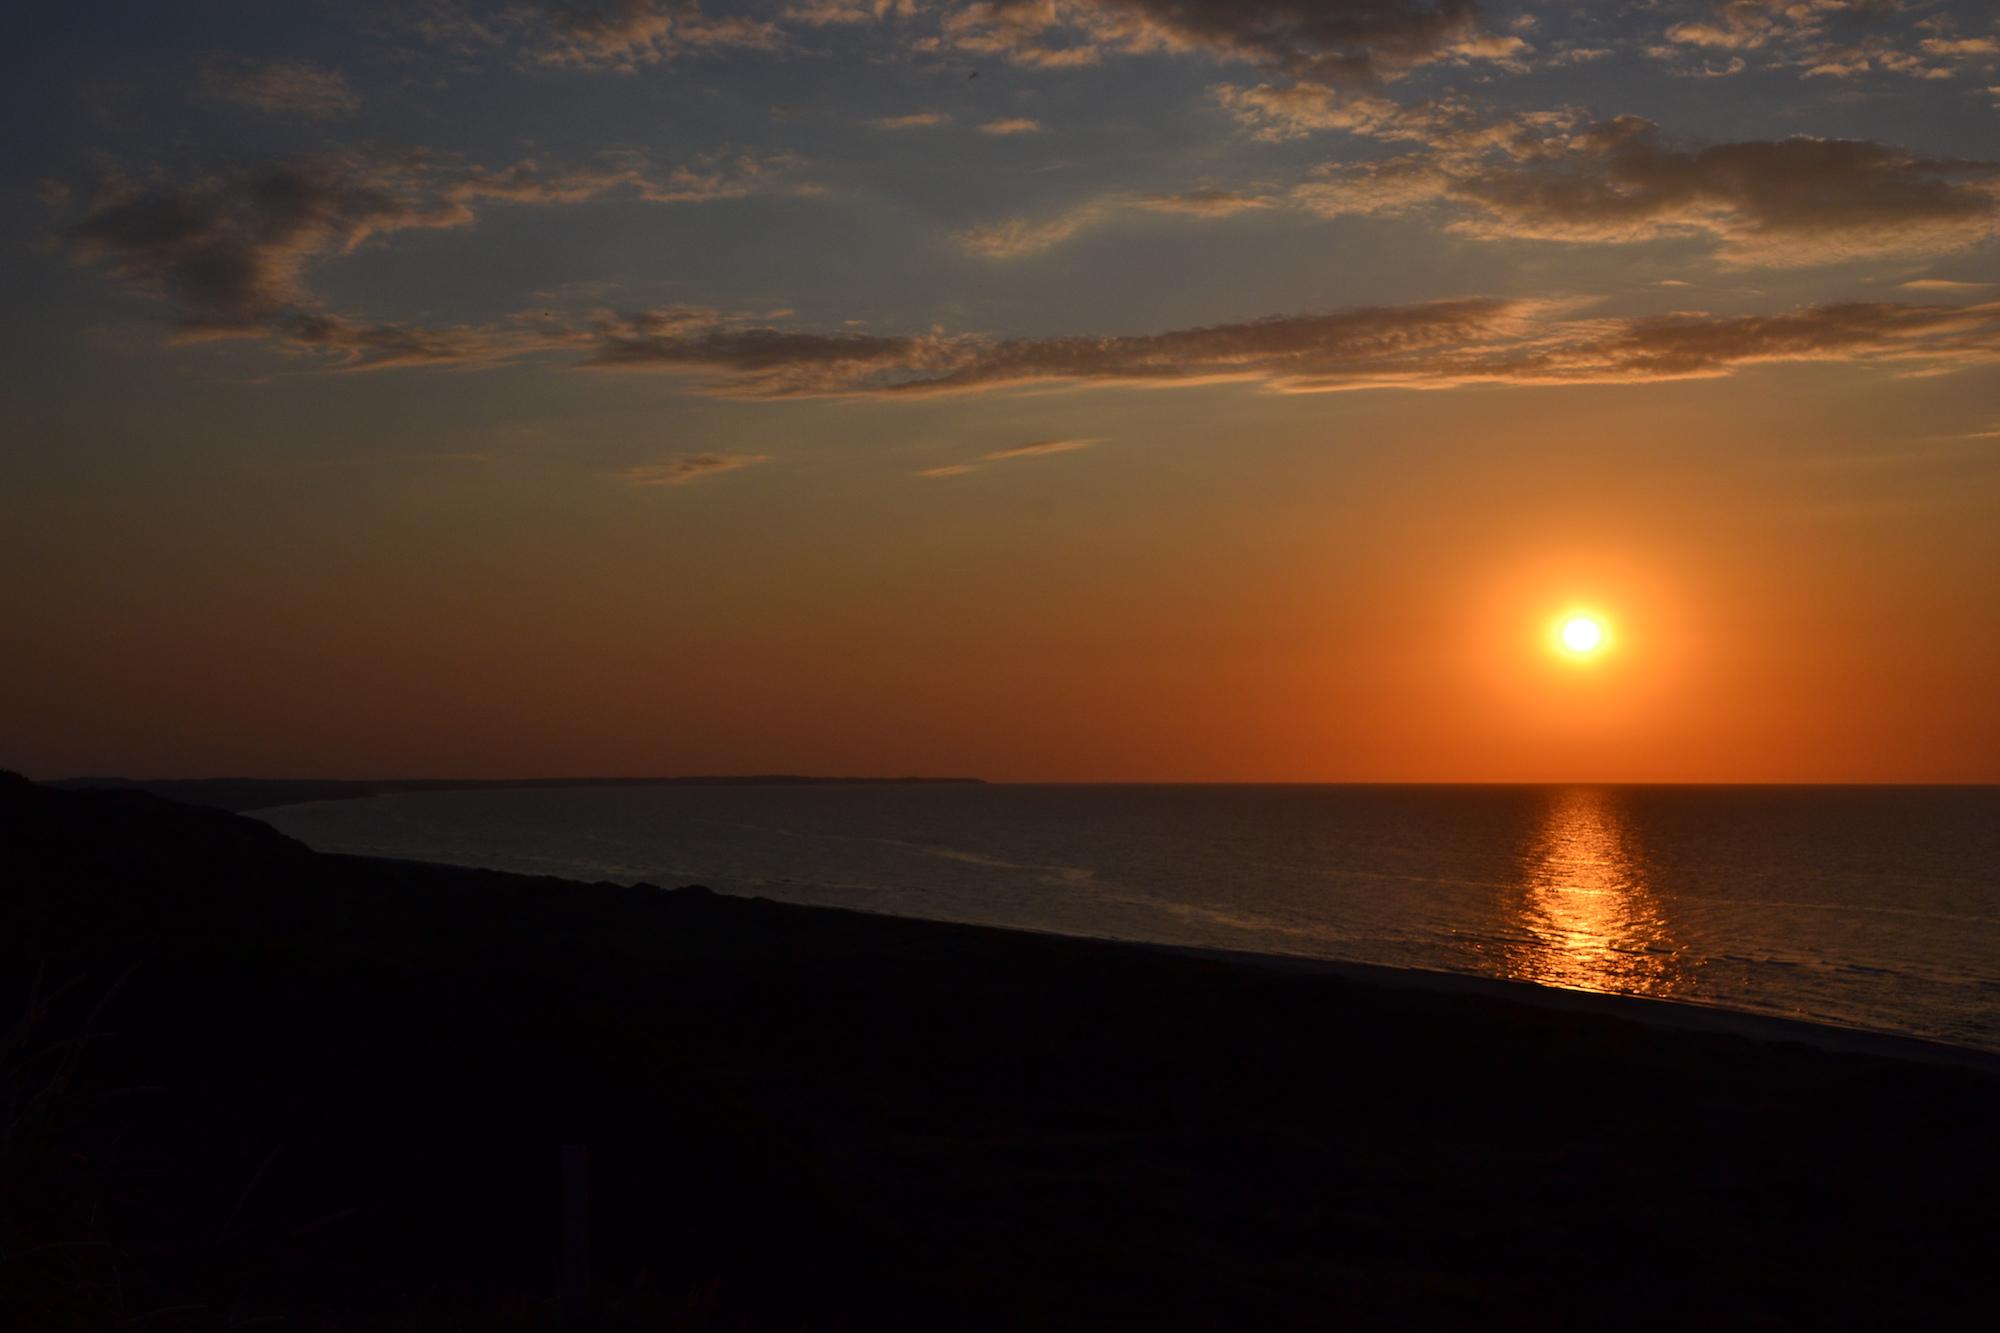 Svinskloev-Bucht-sunset-Daenemark-2508